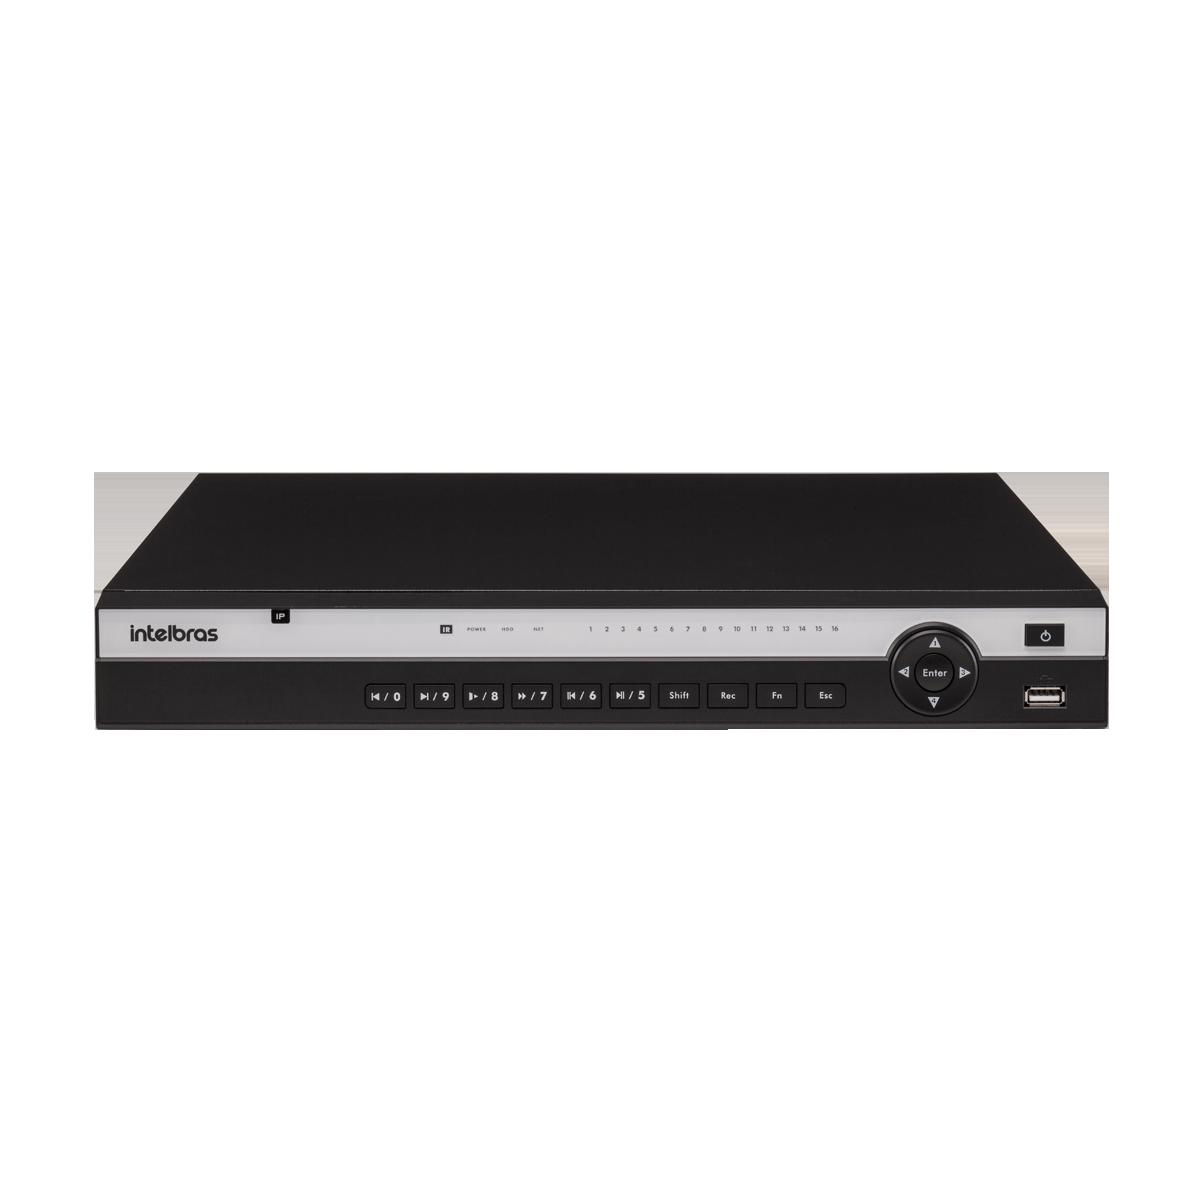 NVD 1316 C/ HD 10TB - GRAV. DIG. DE VÍDEO EM REDE PARA ATÉ 16 CANAIS IP, H.265, SUPORTA RESOLUÇÃO ATÉ 8MP, HD de 10TB instalado - PRODUÇÃO CUSTOMIZADA COM ENTREGA EM ATÉ 45 DIAS  - Sandercomp Virtual